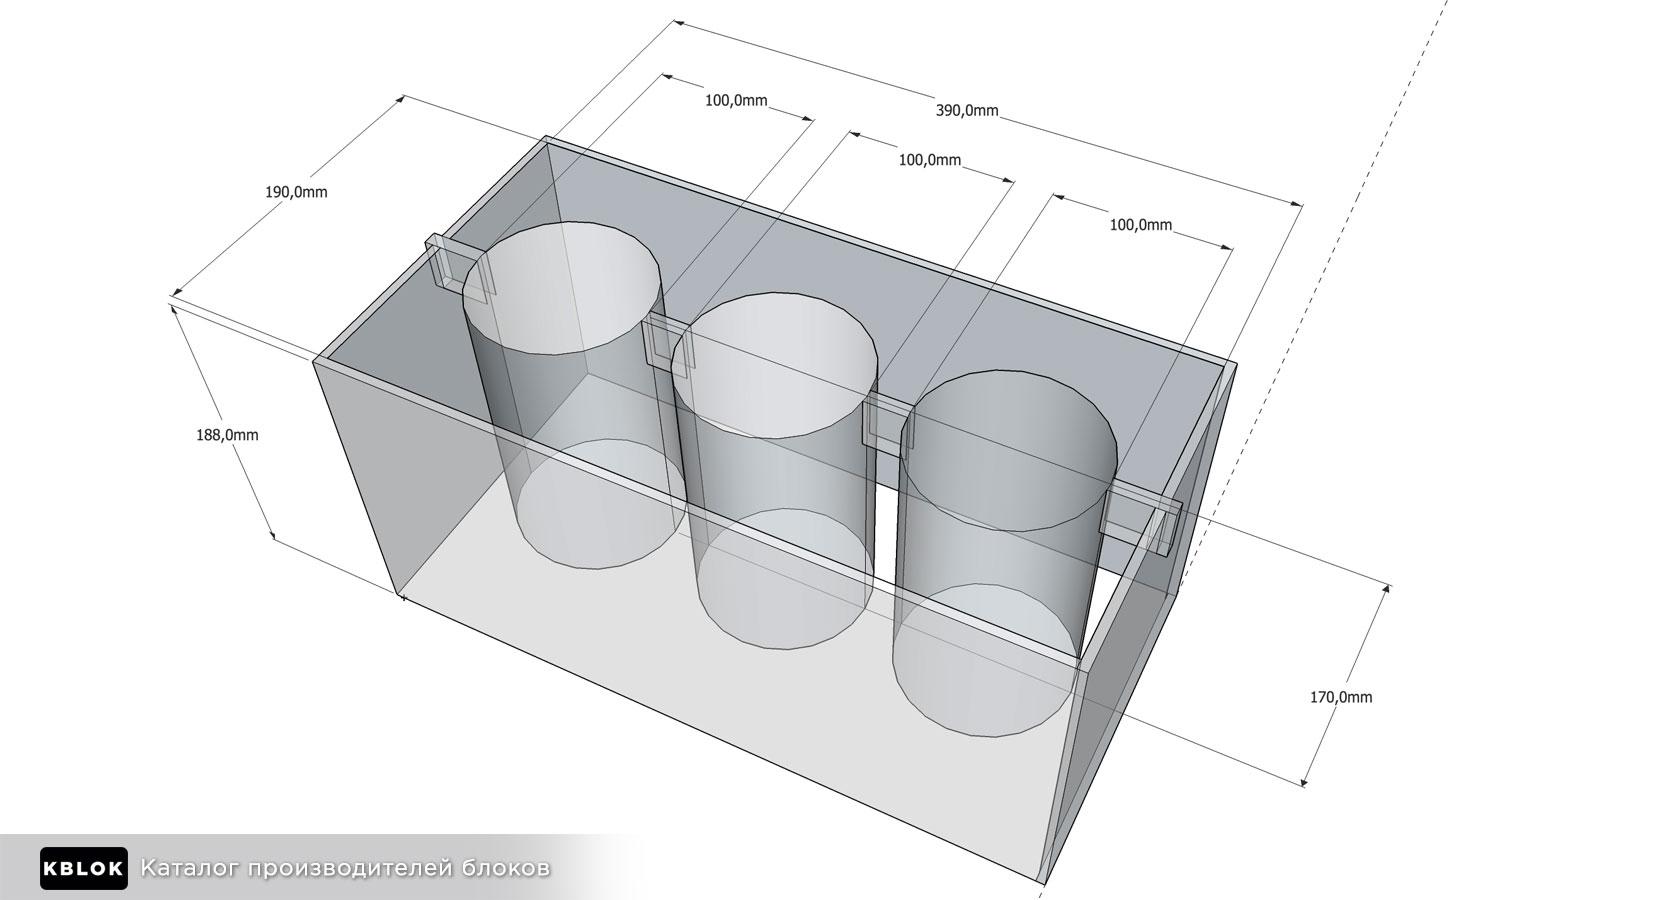 Вибростанок для блоков своими руками чертежи фото 29